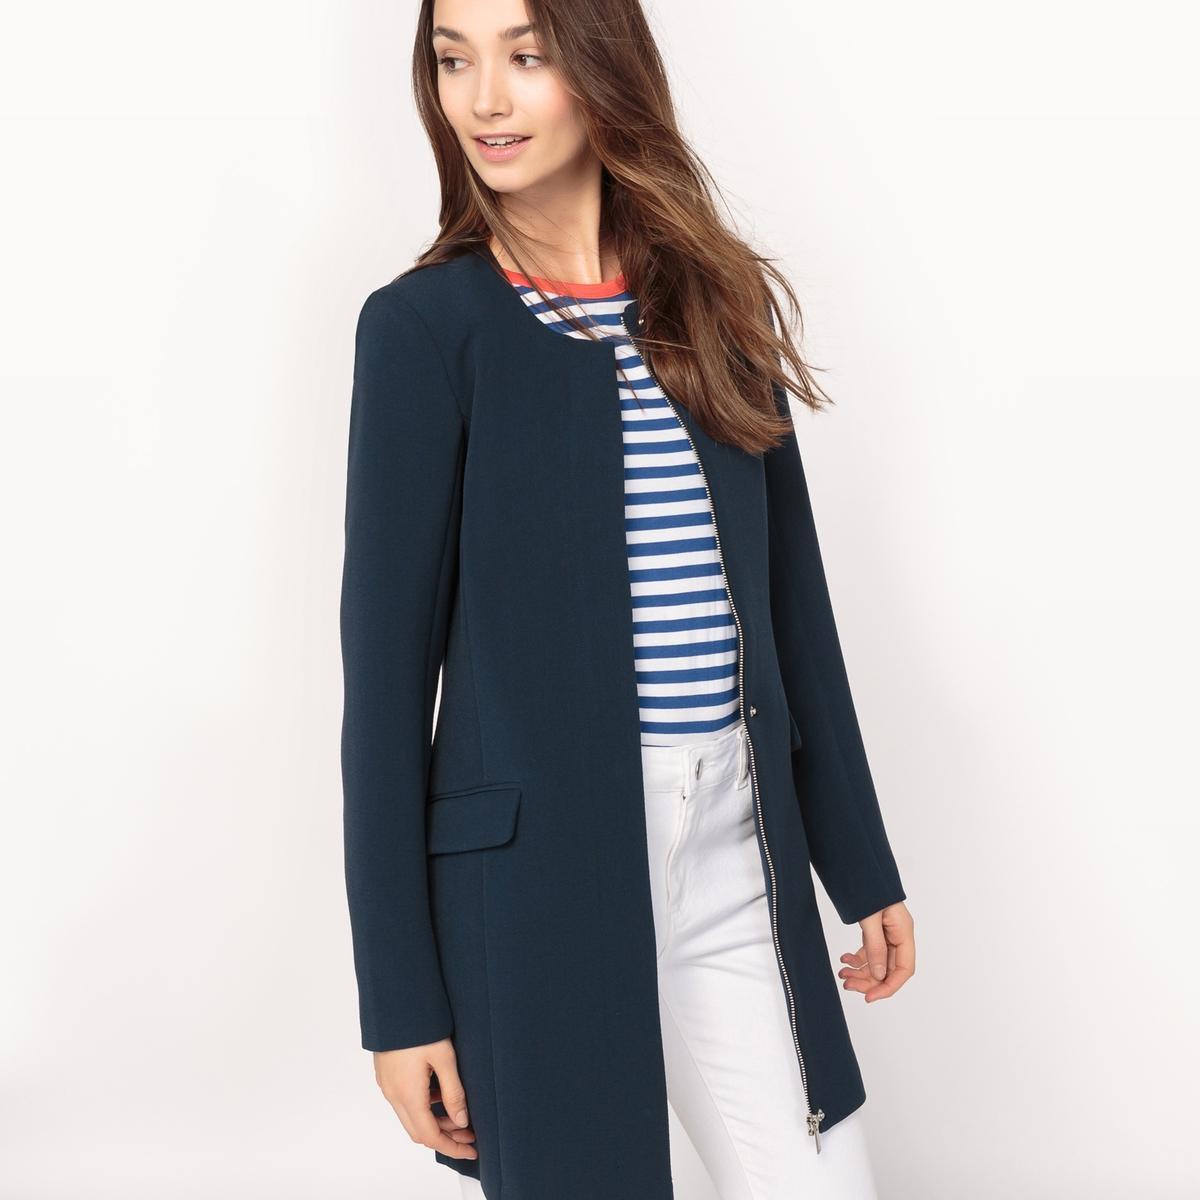 Пальто прямое с застежкой на кнопкиМатериал: 20% вискозы, 4% эластана, 76% полиэстера.Тип застежки: на пуговицы. Форма воротника: без воротника.Длина пальто: длинное.Рисунок: однотонная модель.<br><br>Цвет: темно-синий<br>Размер: L